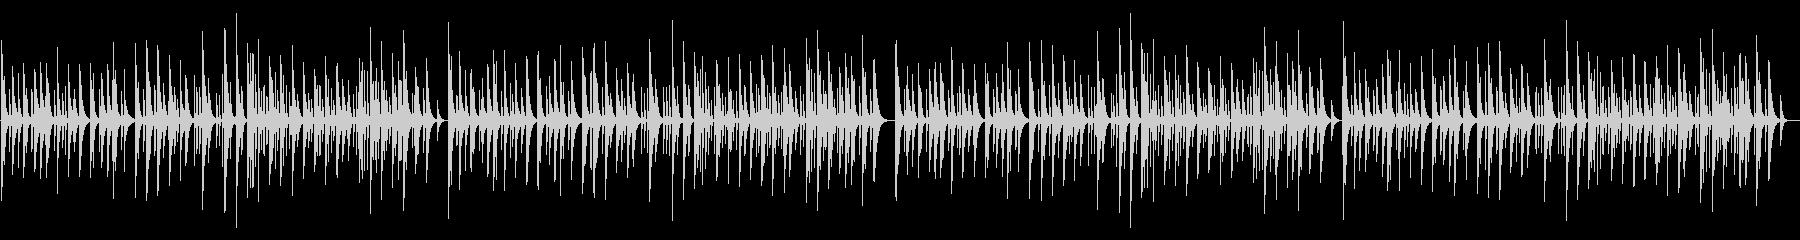 ピクニック 木琴アンサンブルの未再生の波形